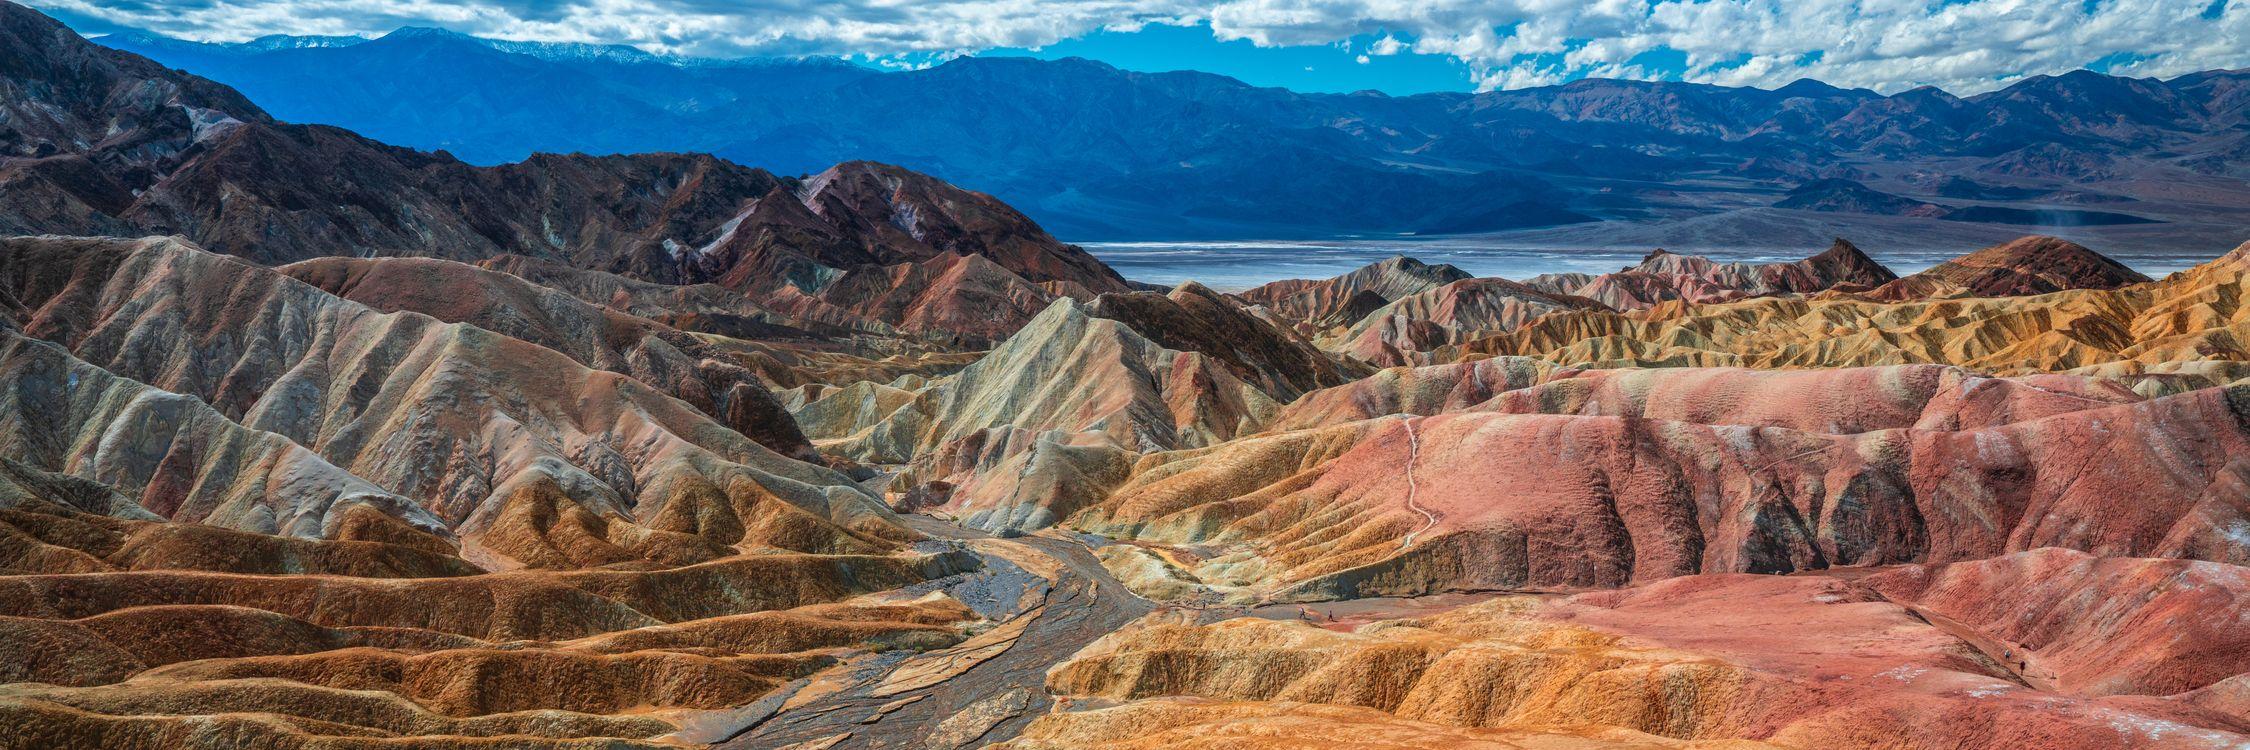 Фото горы панорамный США - бесплатные картинки на Fonwall